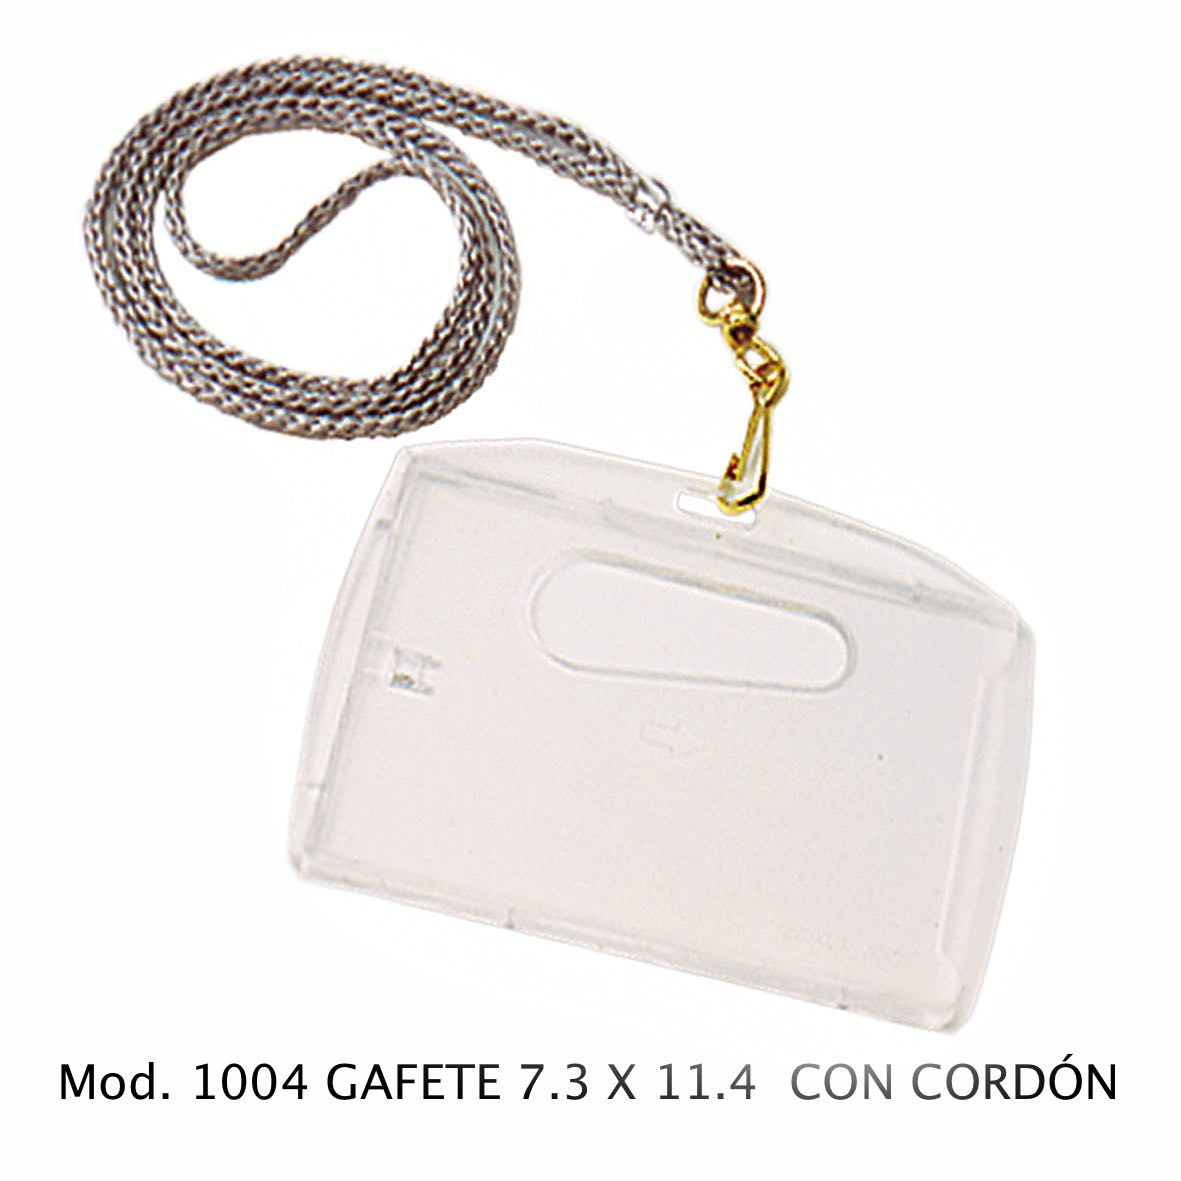 Gafete con cordón grande Modelo 1004 - Sablón